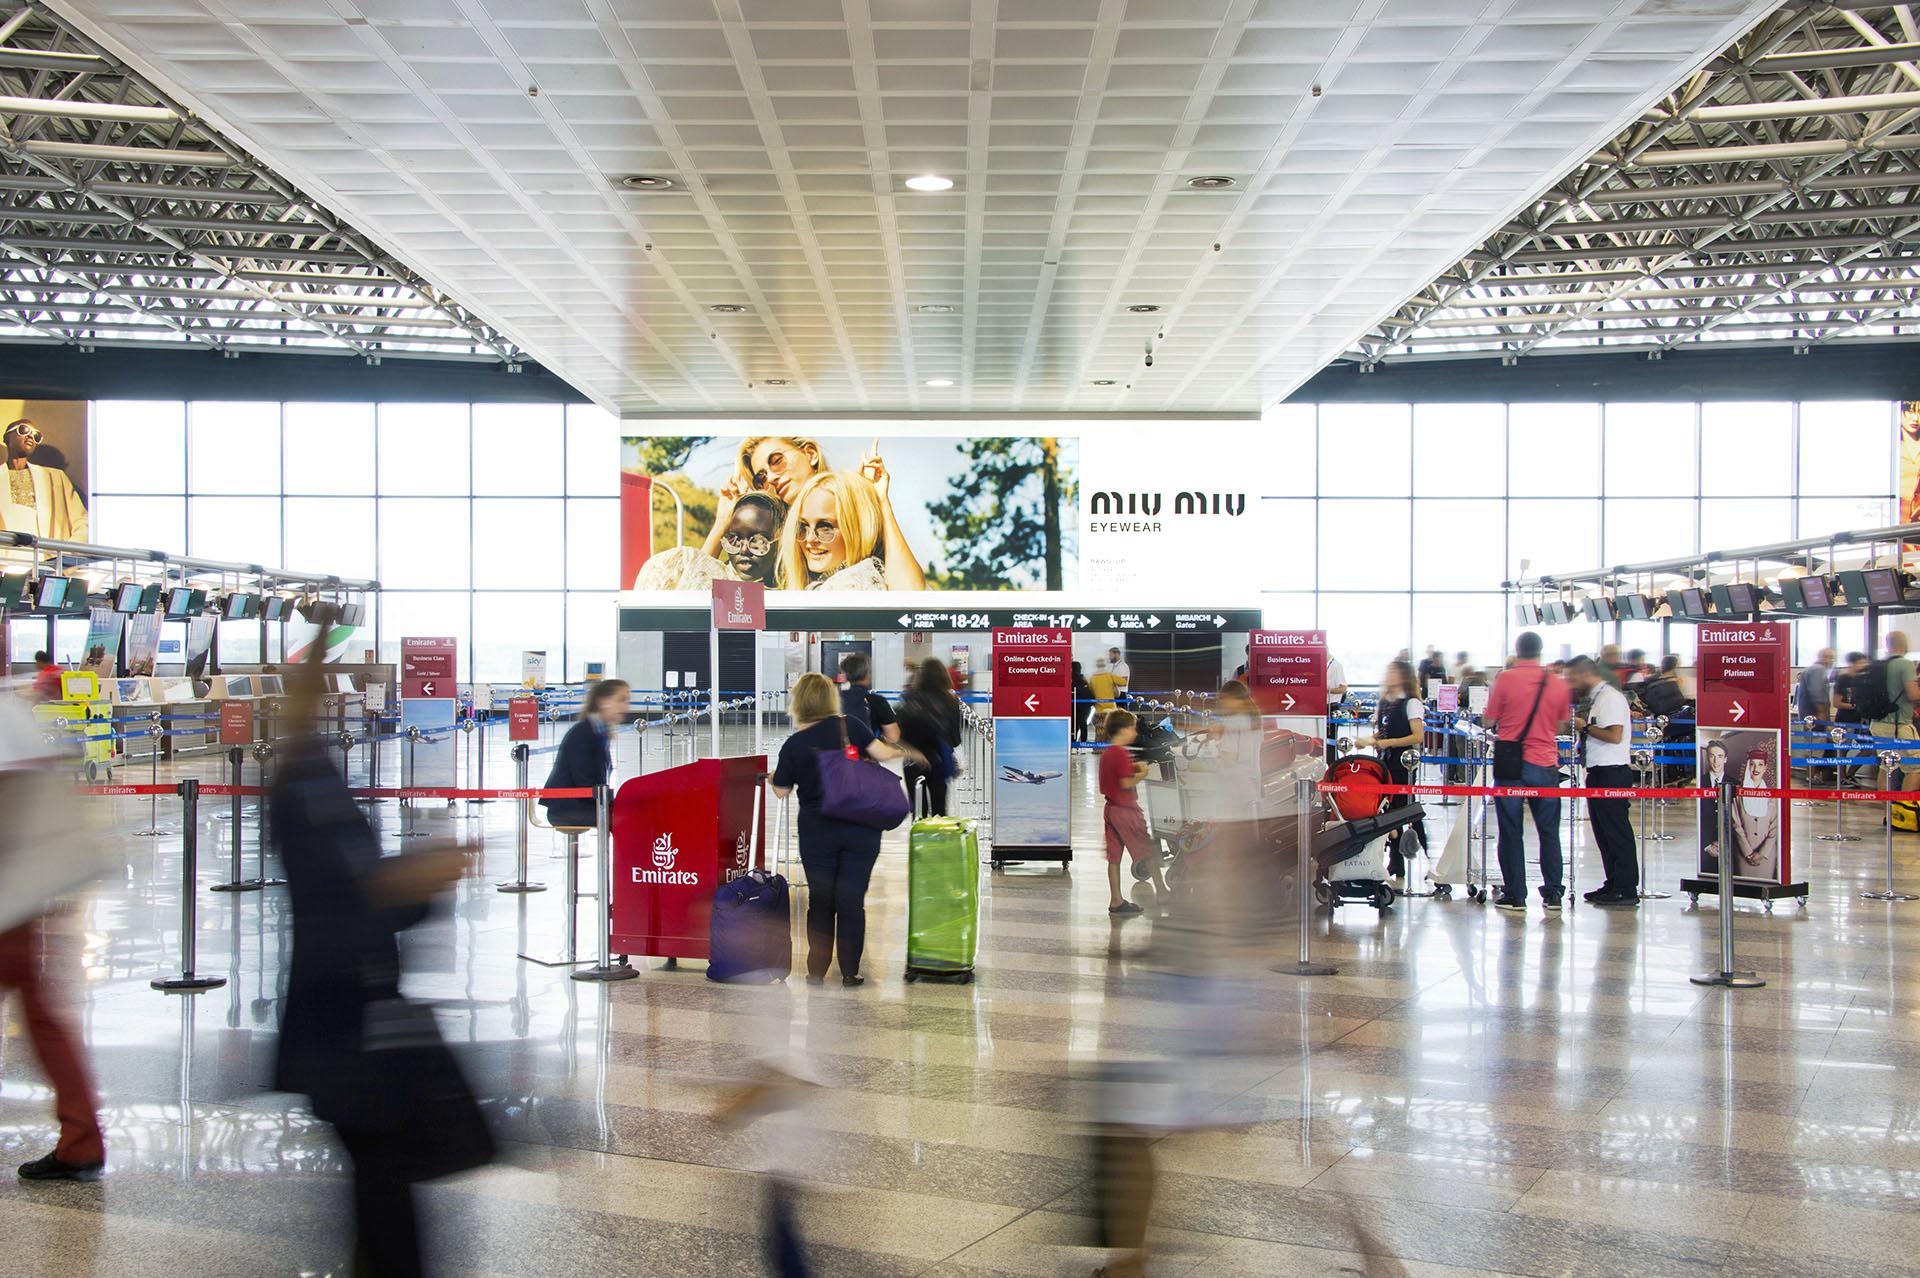 Pubblicità_aeroporto_IGPDecaux_Milano_Malpensa